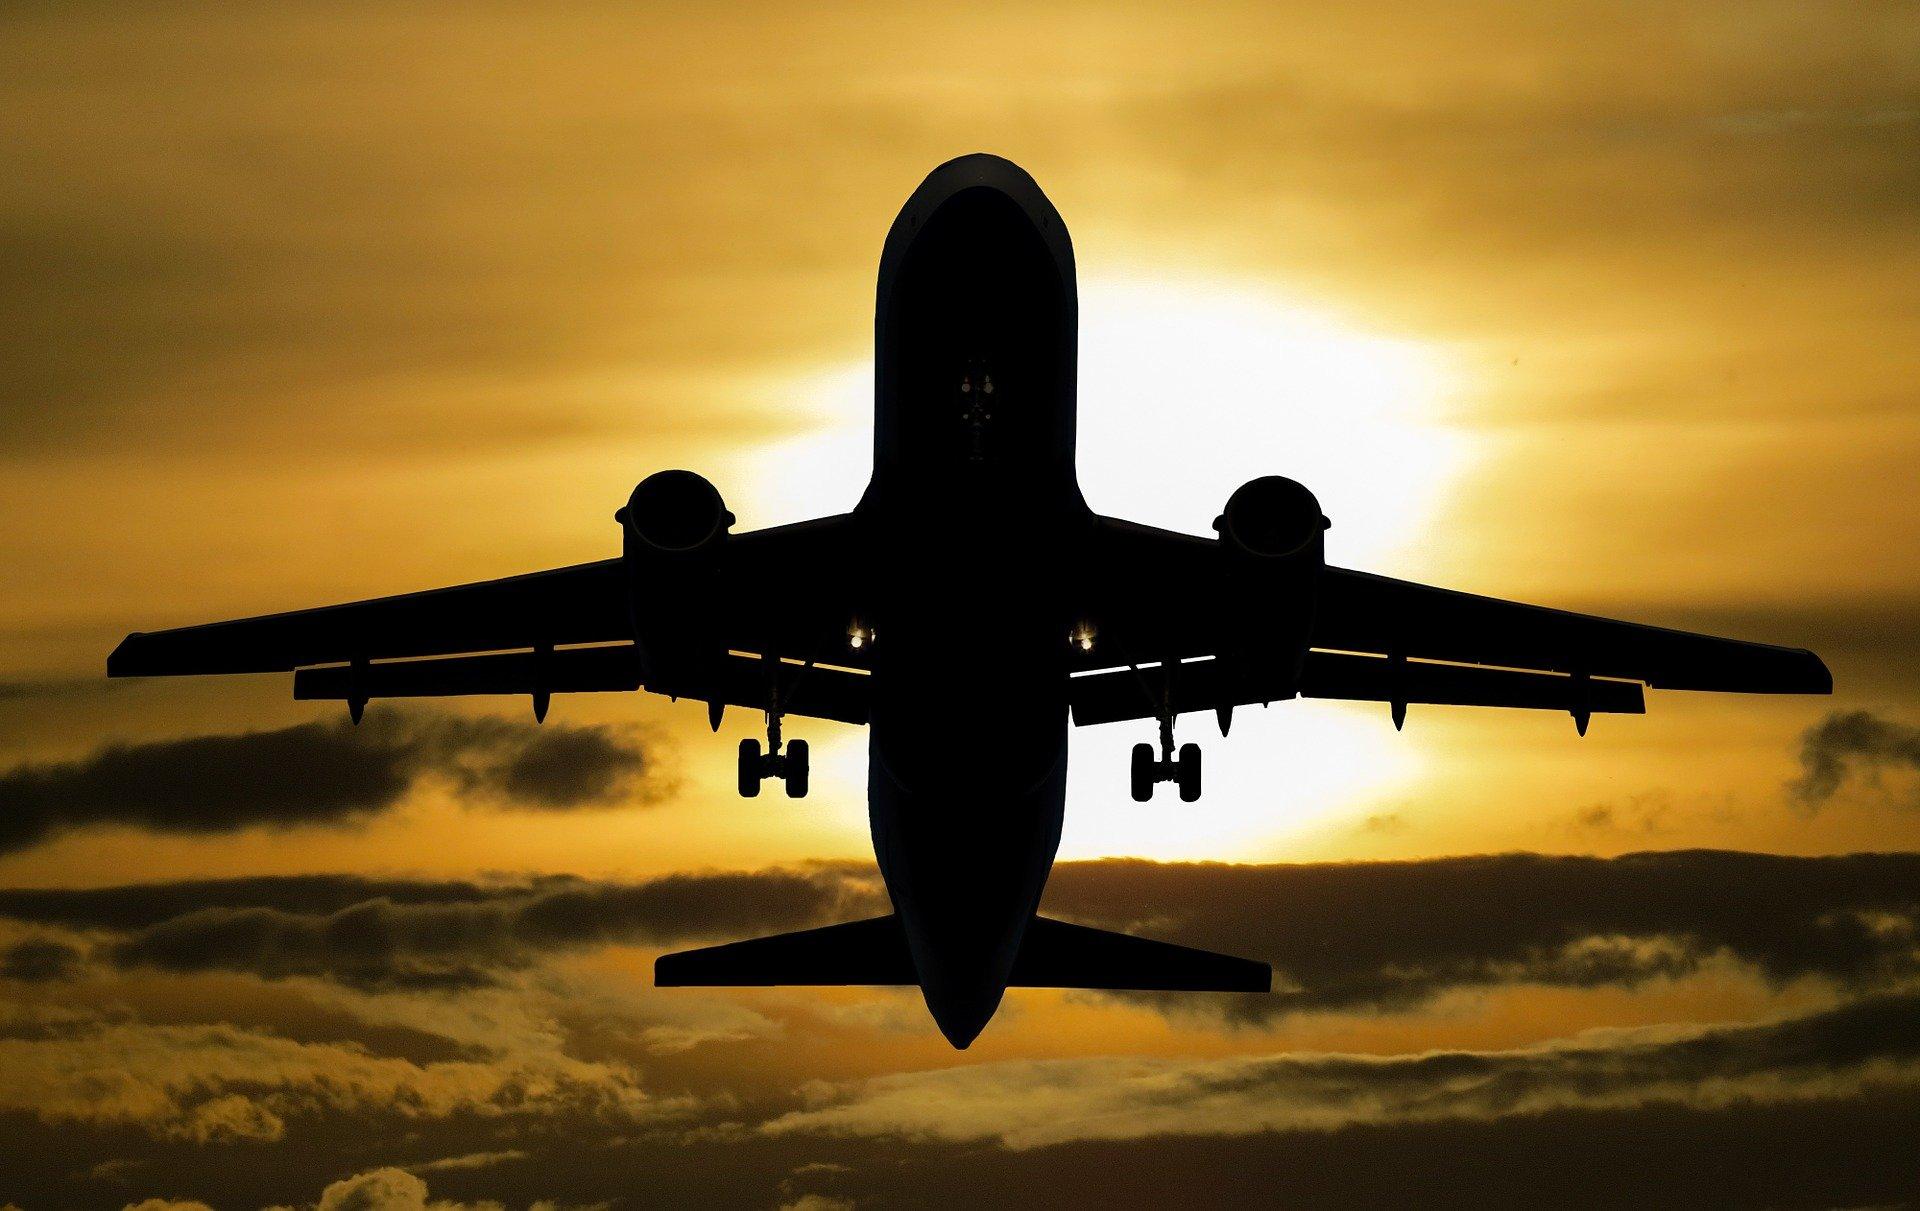 Авиасообщение с десятью странами будет увеличено